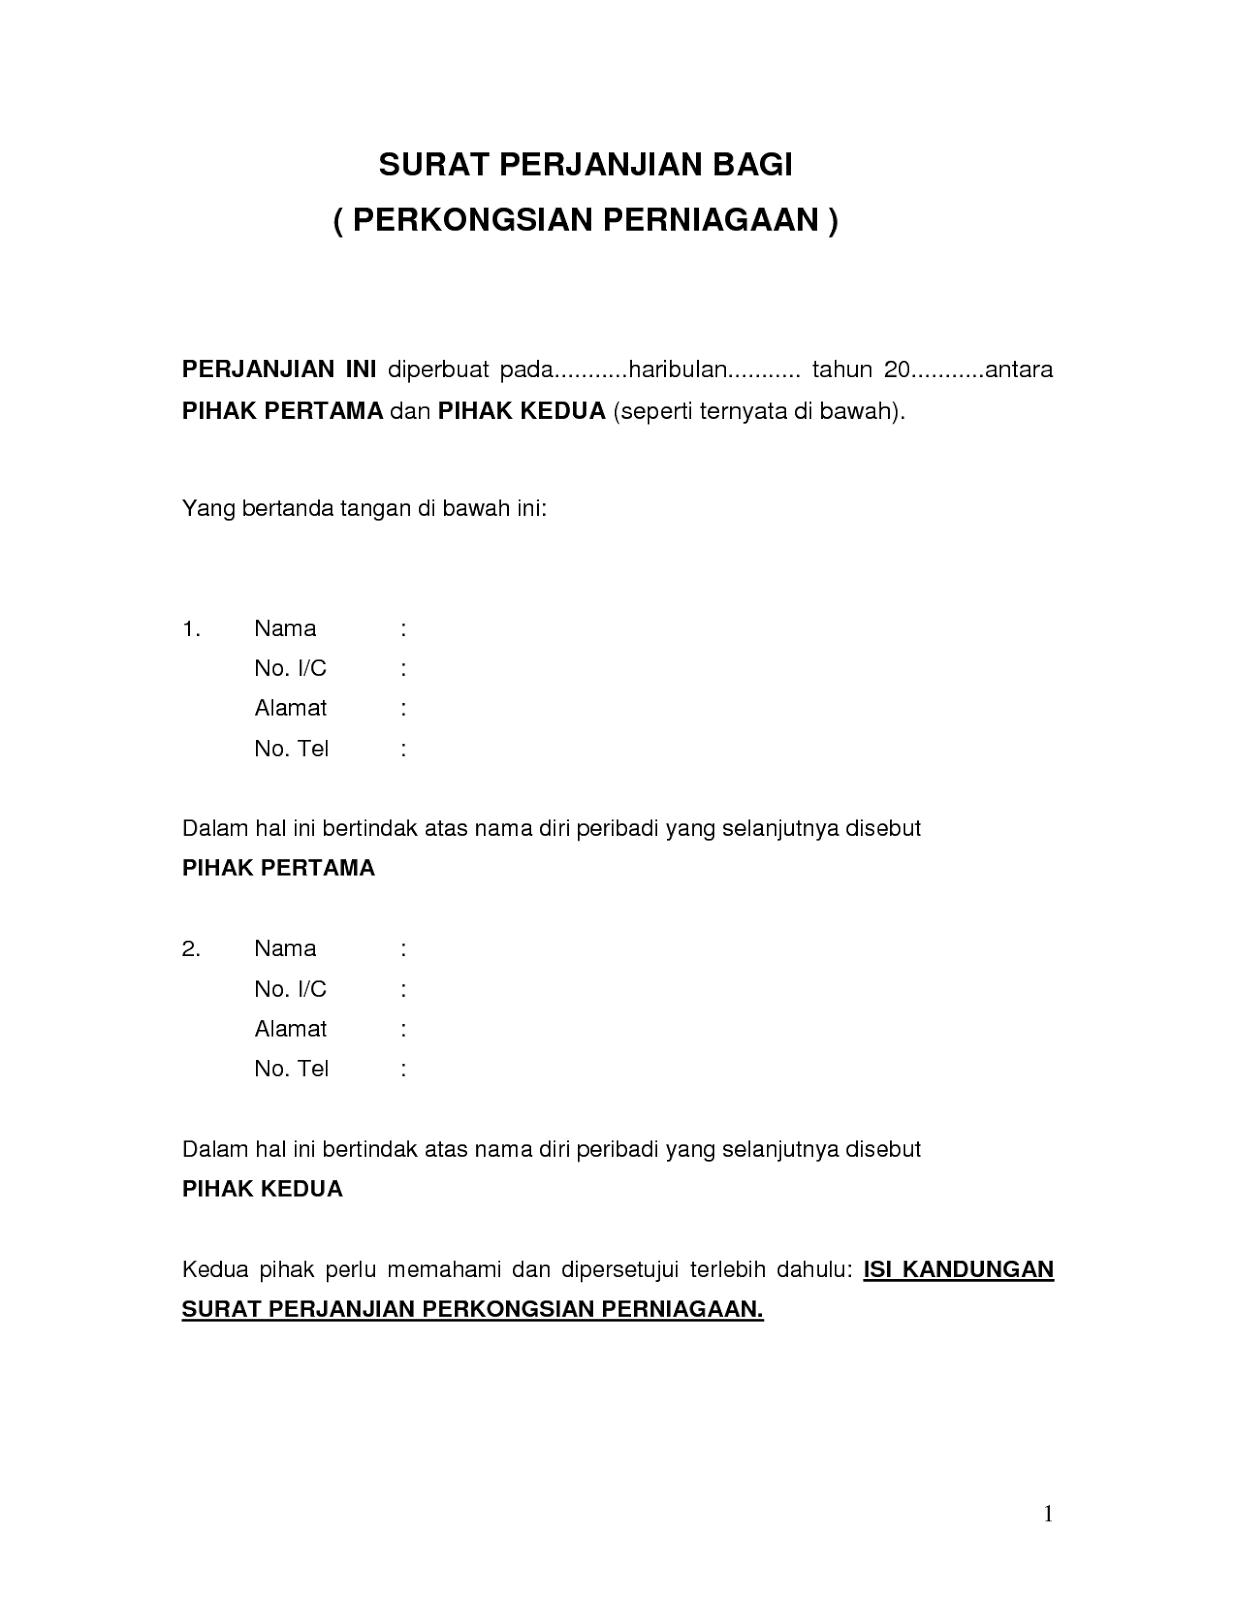 Contoh Surat Perjanjian Perkongsian Perniagaan Pdf Free